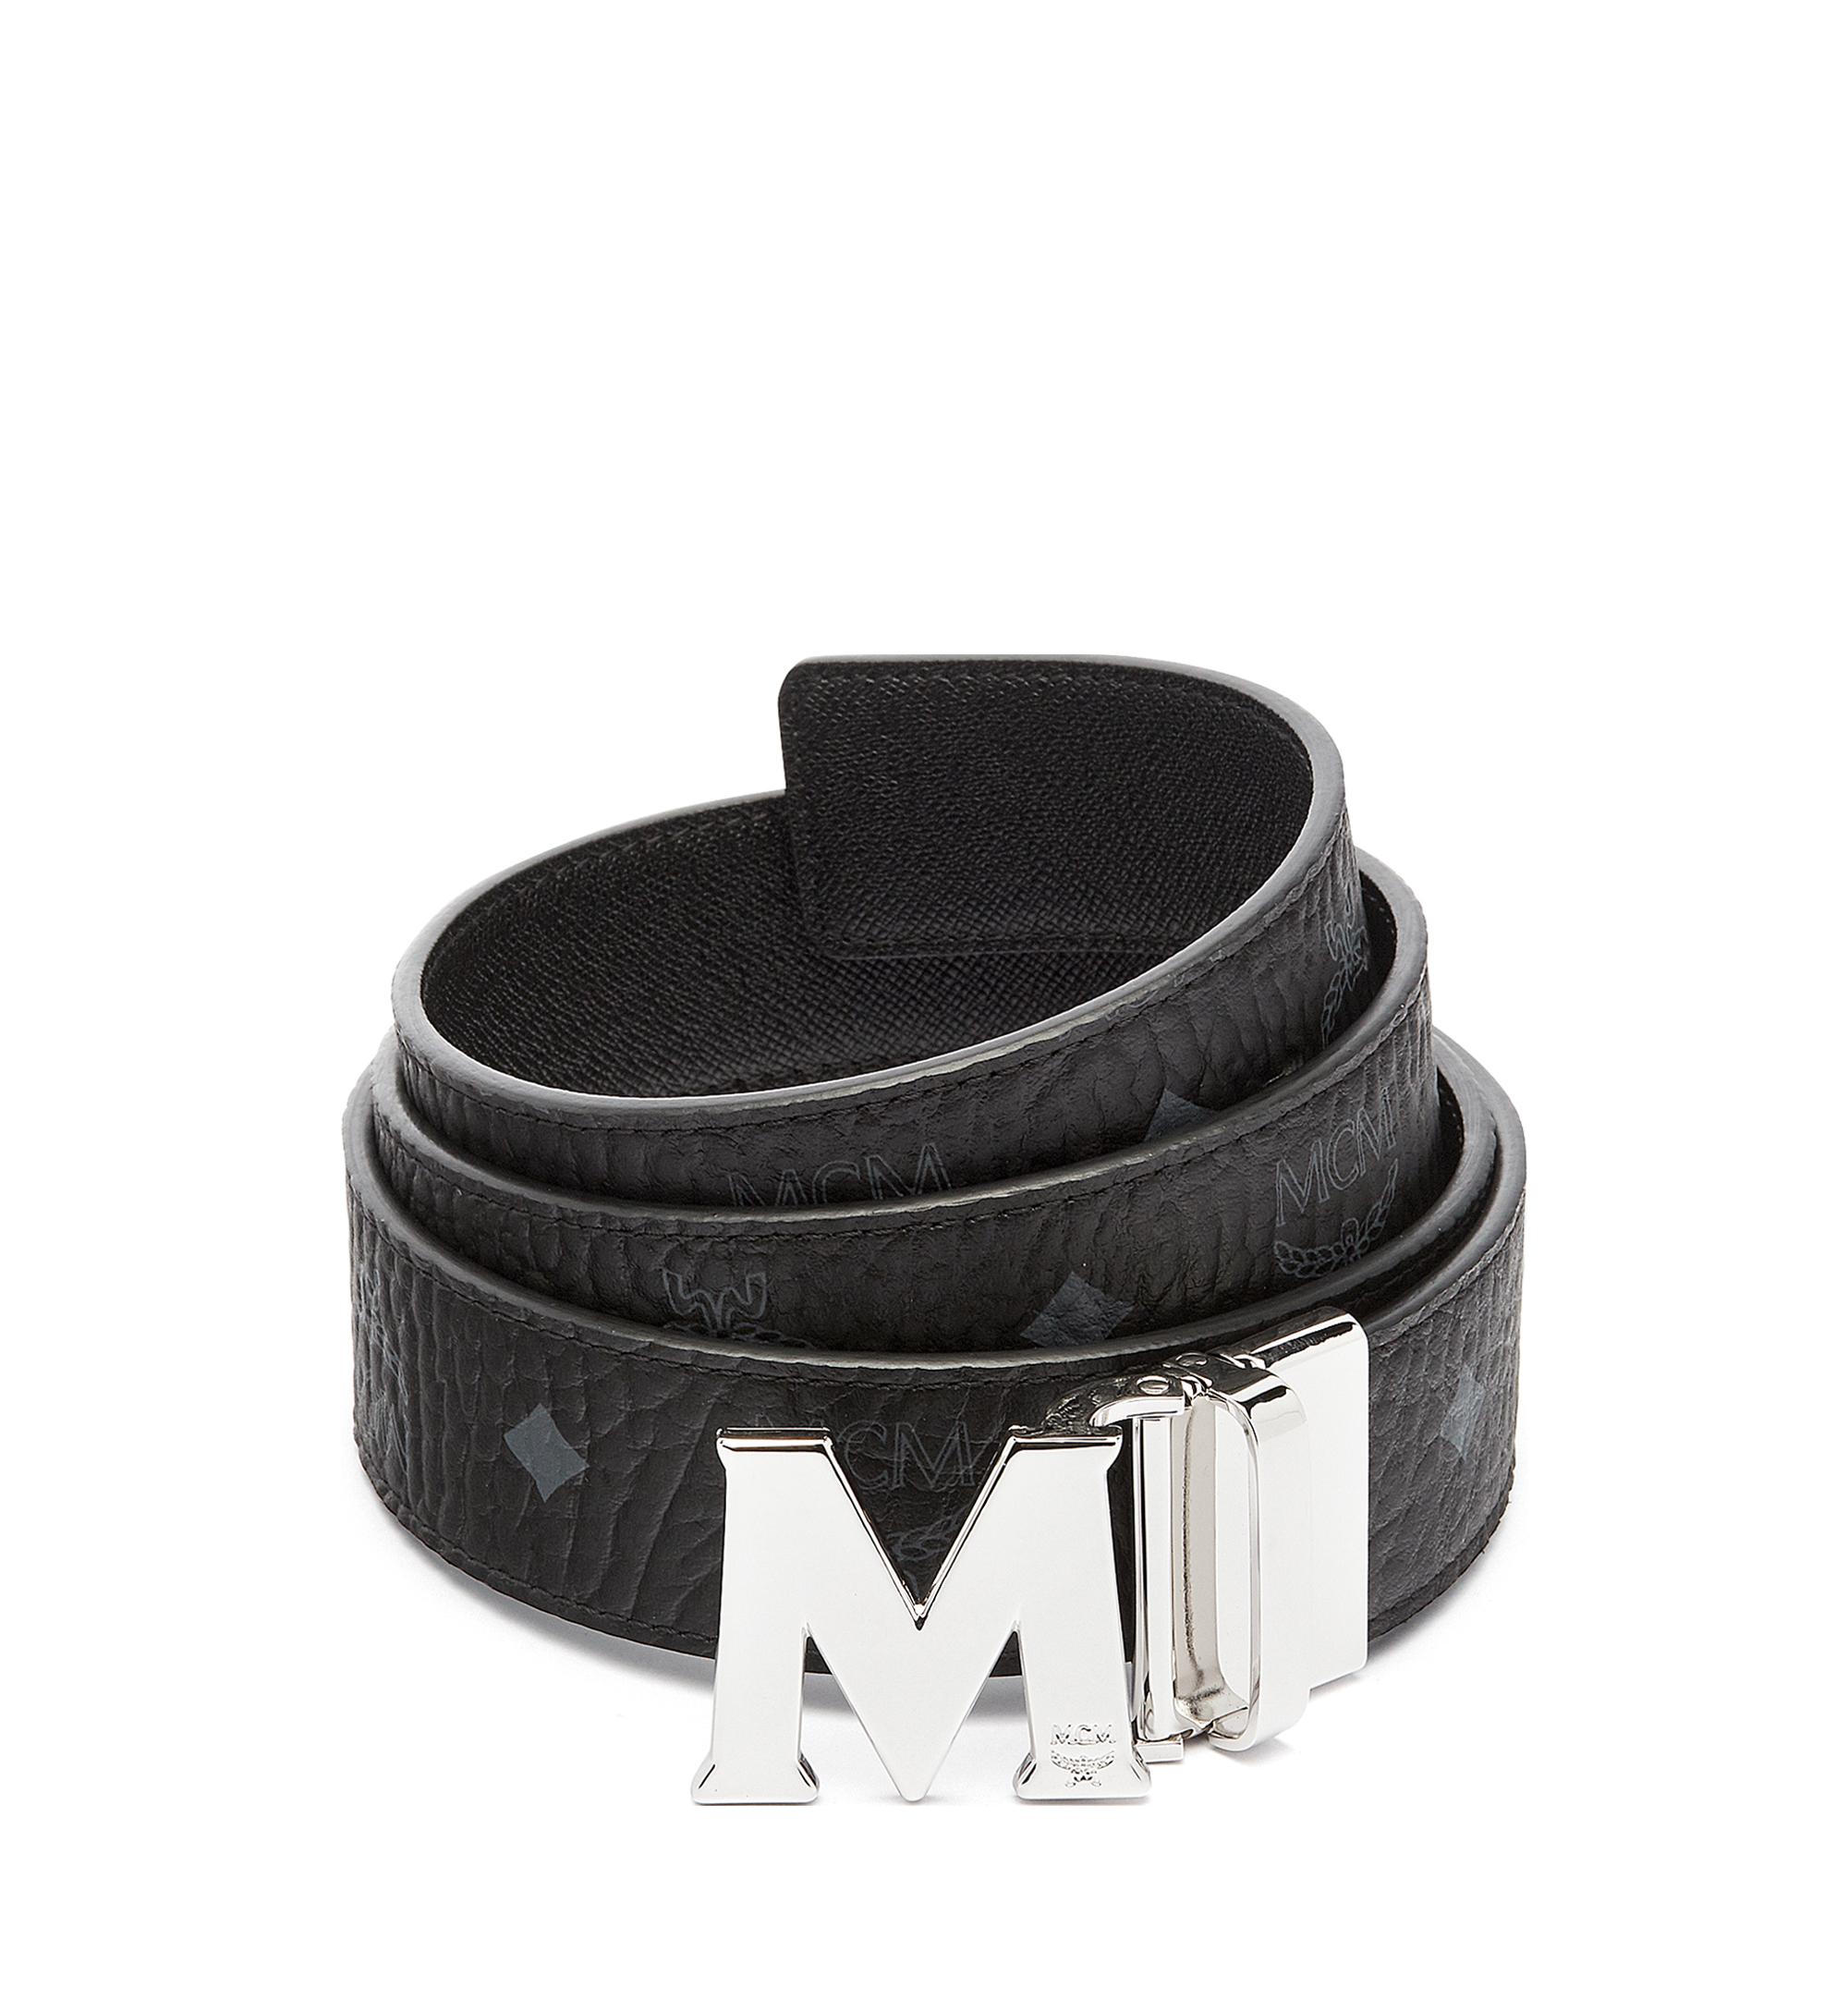 MCM Ceinture réversible Claus M 3,8cm en Visetos Black MXBAAVI02BK001 Plus de photos 1